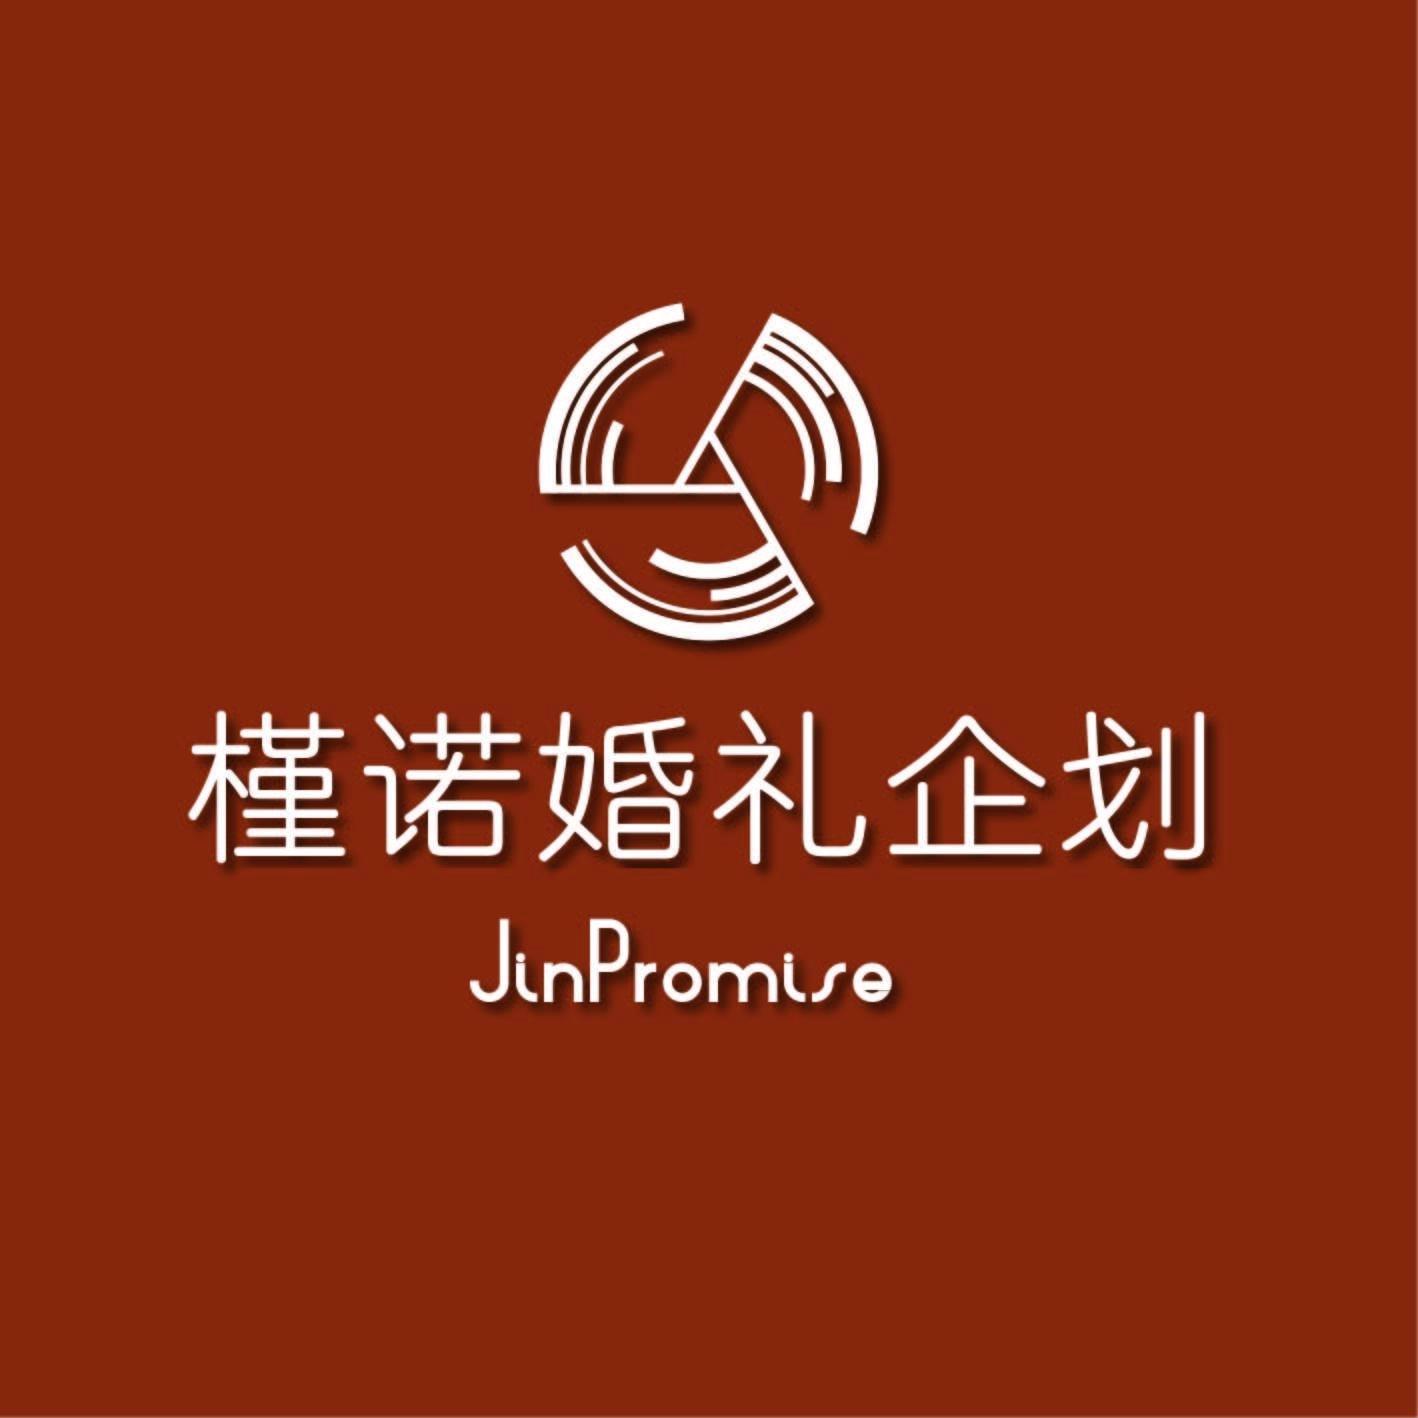 槿诺注册送28体验金的游戏平台企划JinPromise